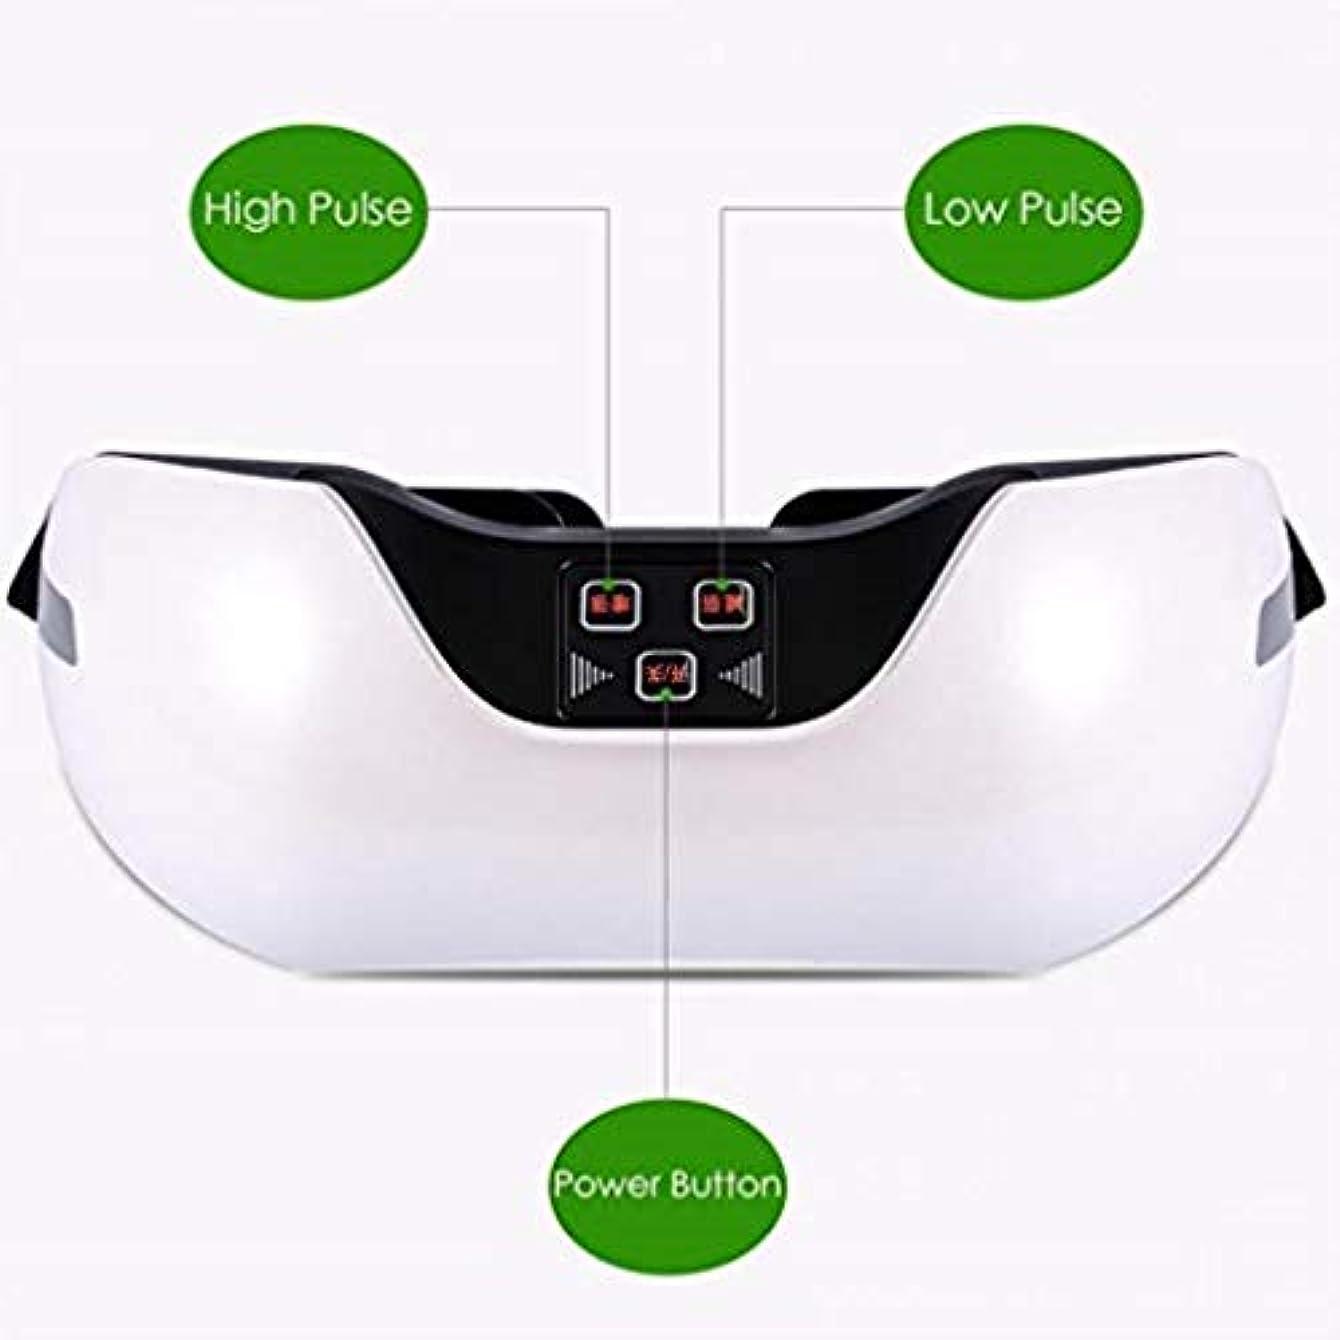 起こりやすい傾向独特の近視の予防のための視力回復器具トレーニングアイマッサージ器具 (Color : White)